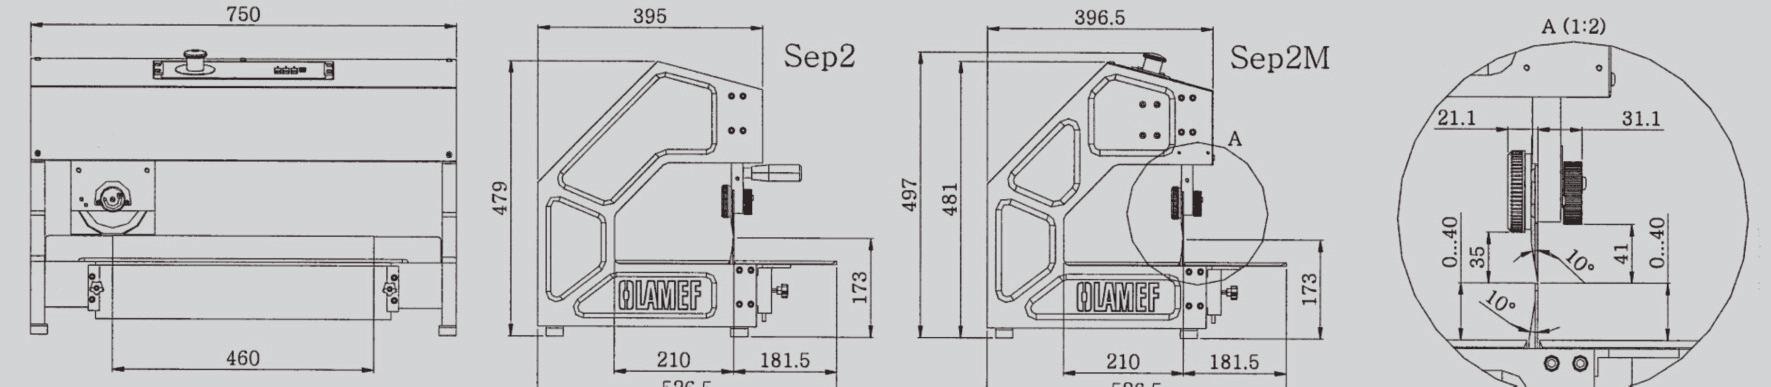 Disegno macchina manuale per separazione schede